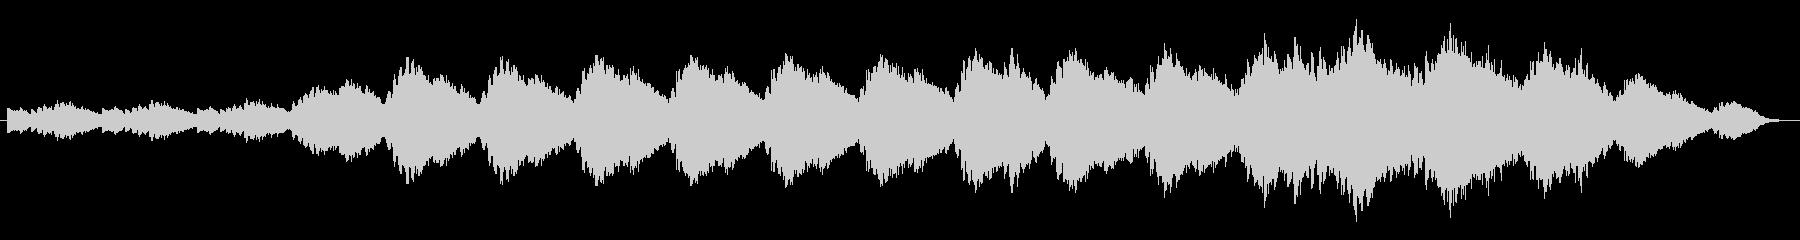 ギターループのアンビエント曲の未再生の波形